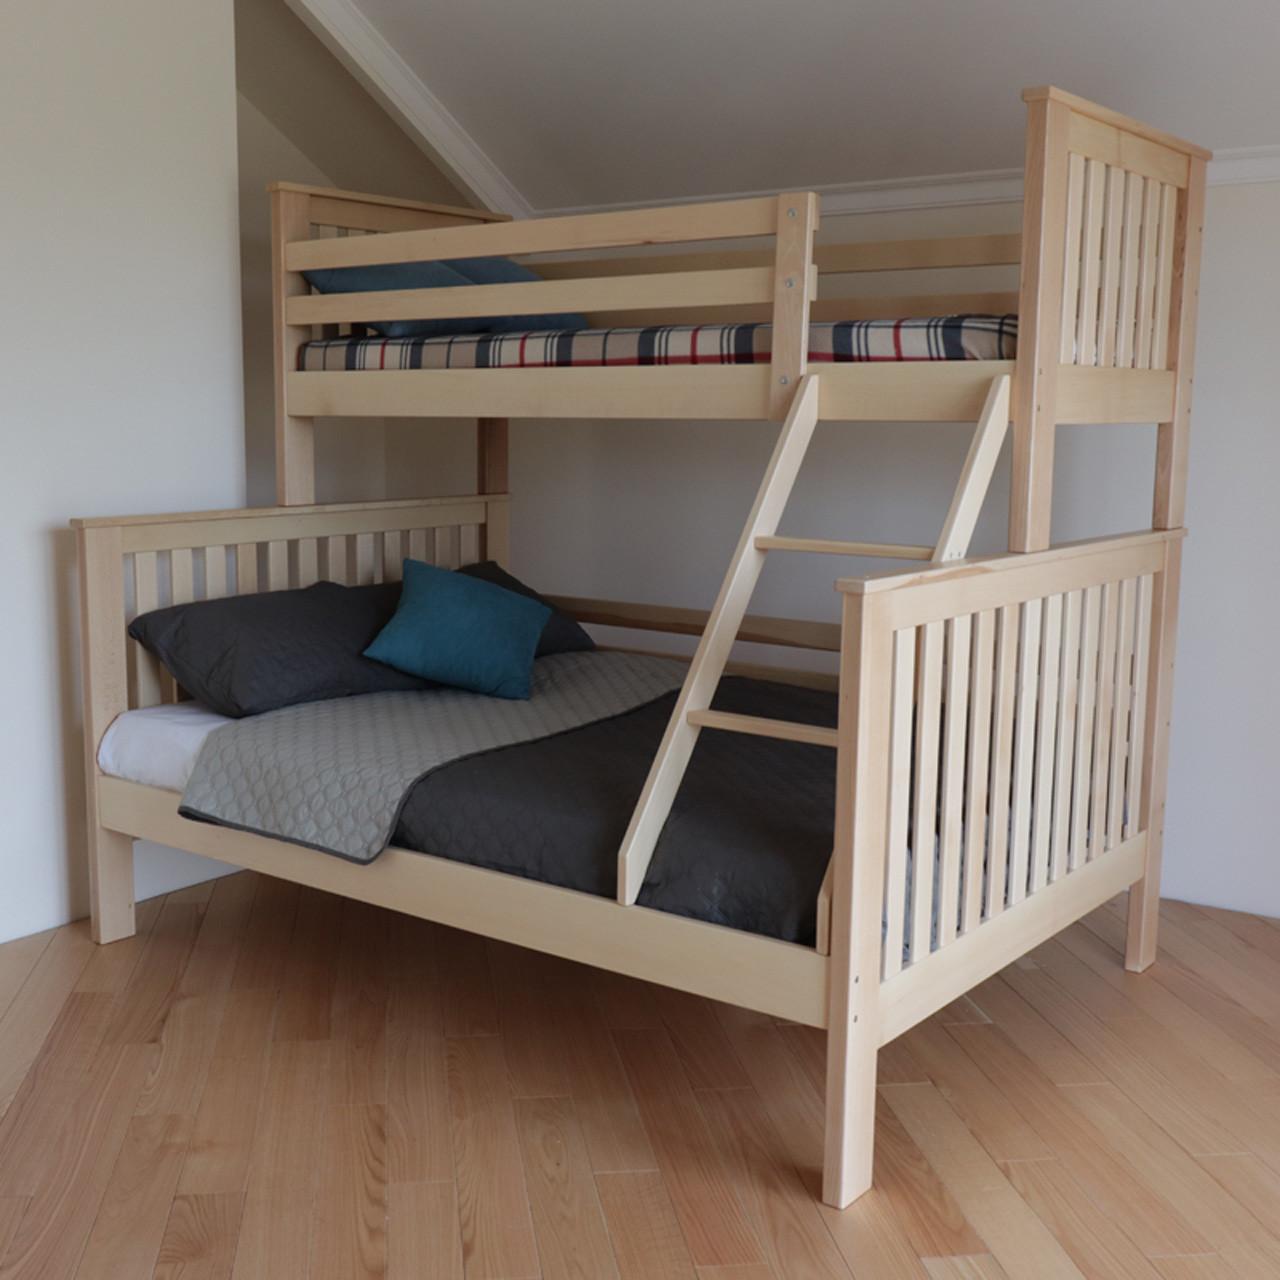 Ліжко двох'ярусне дерев'яне Орхідея масив бука (трансформер)